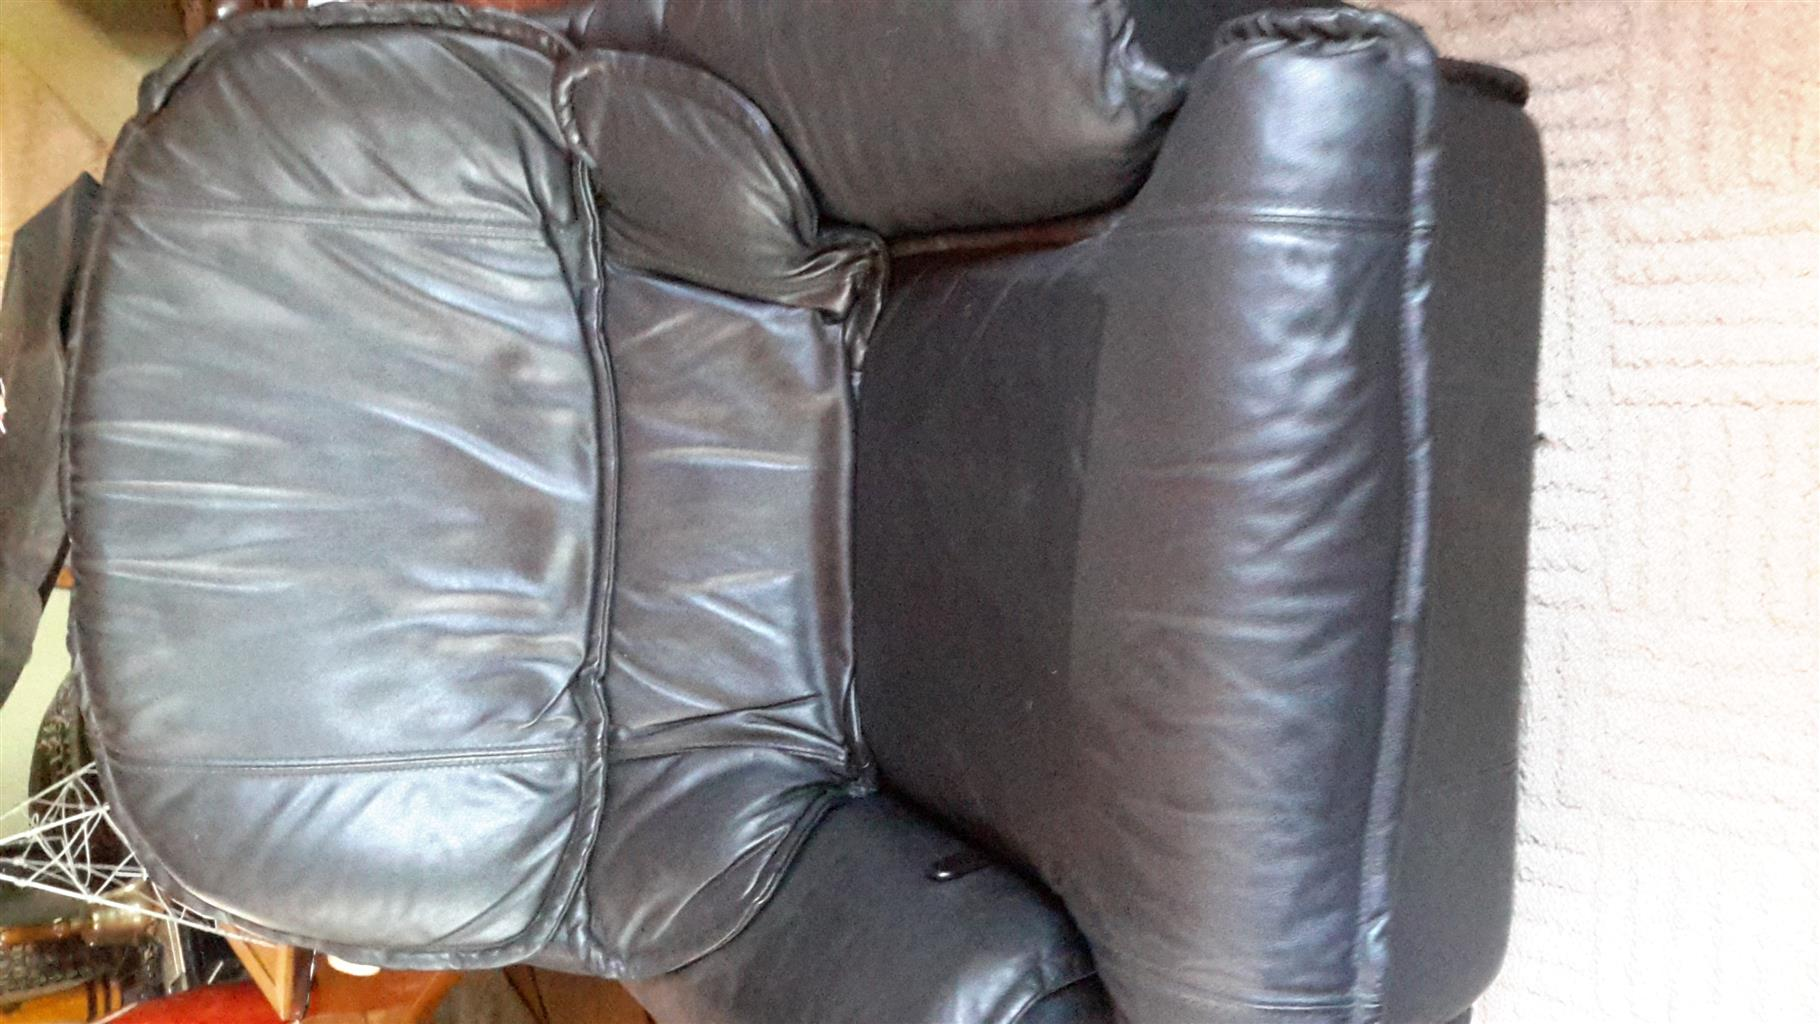 La-Z-Boy recliners x 3